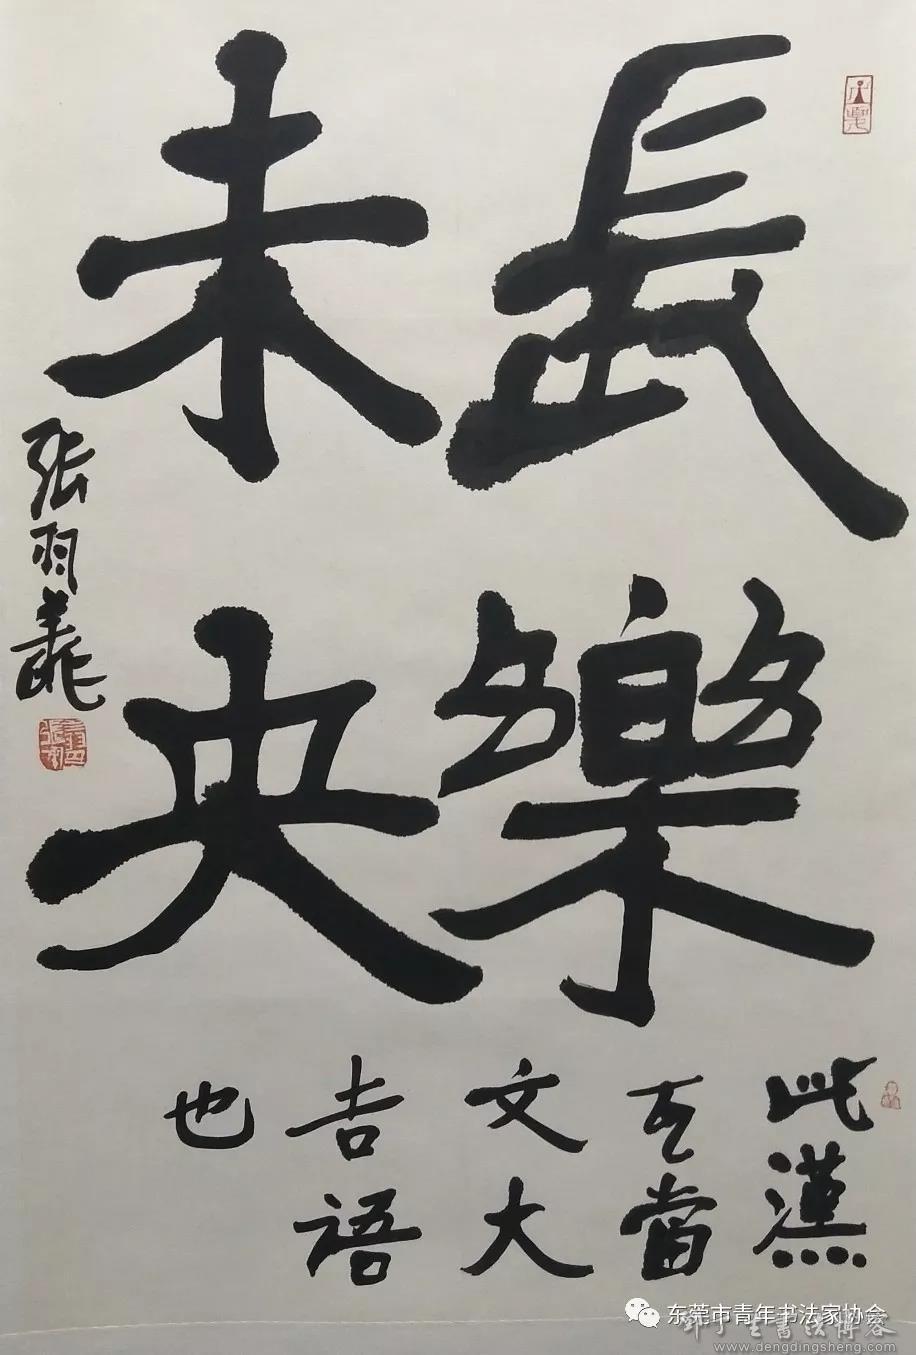 著名书法篆刻家张羽翔博士贺作.jpg